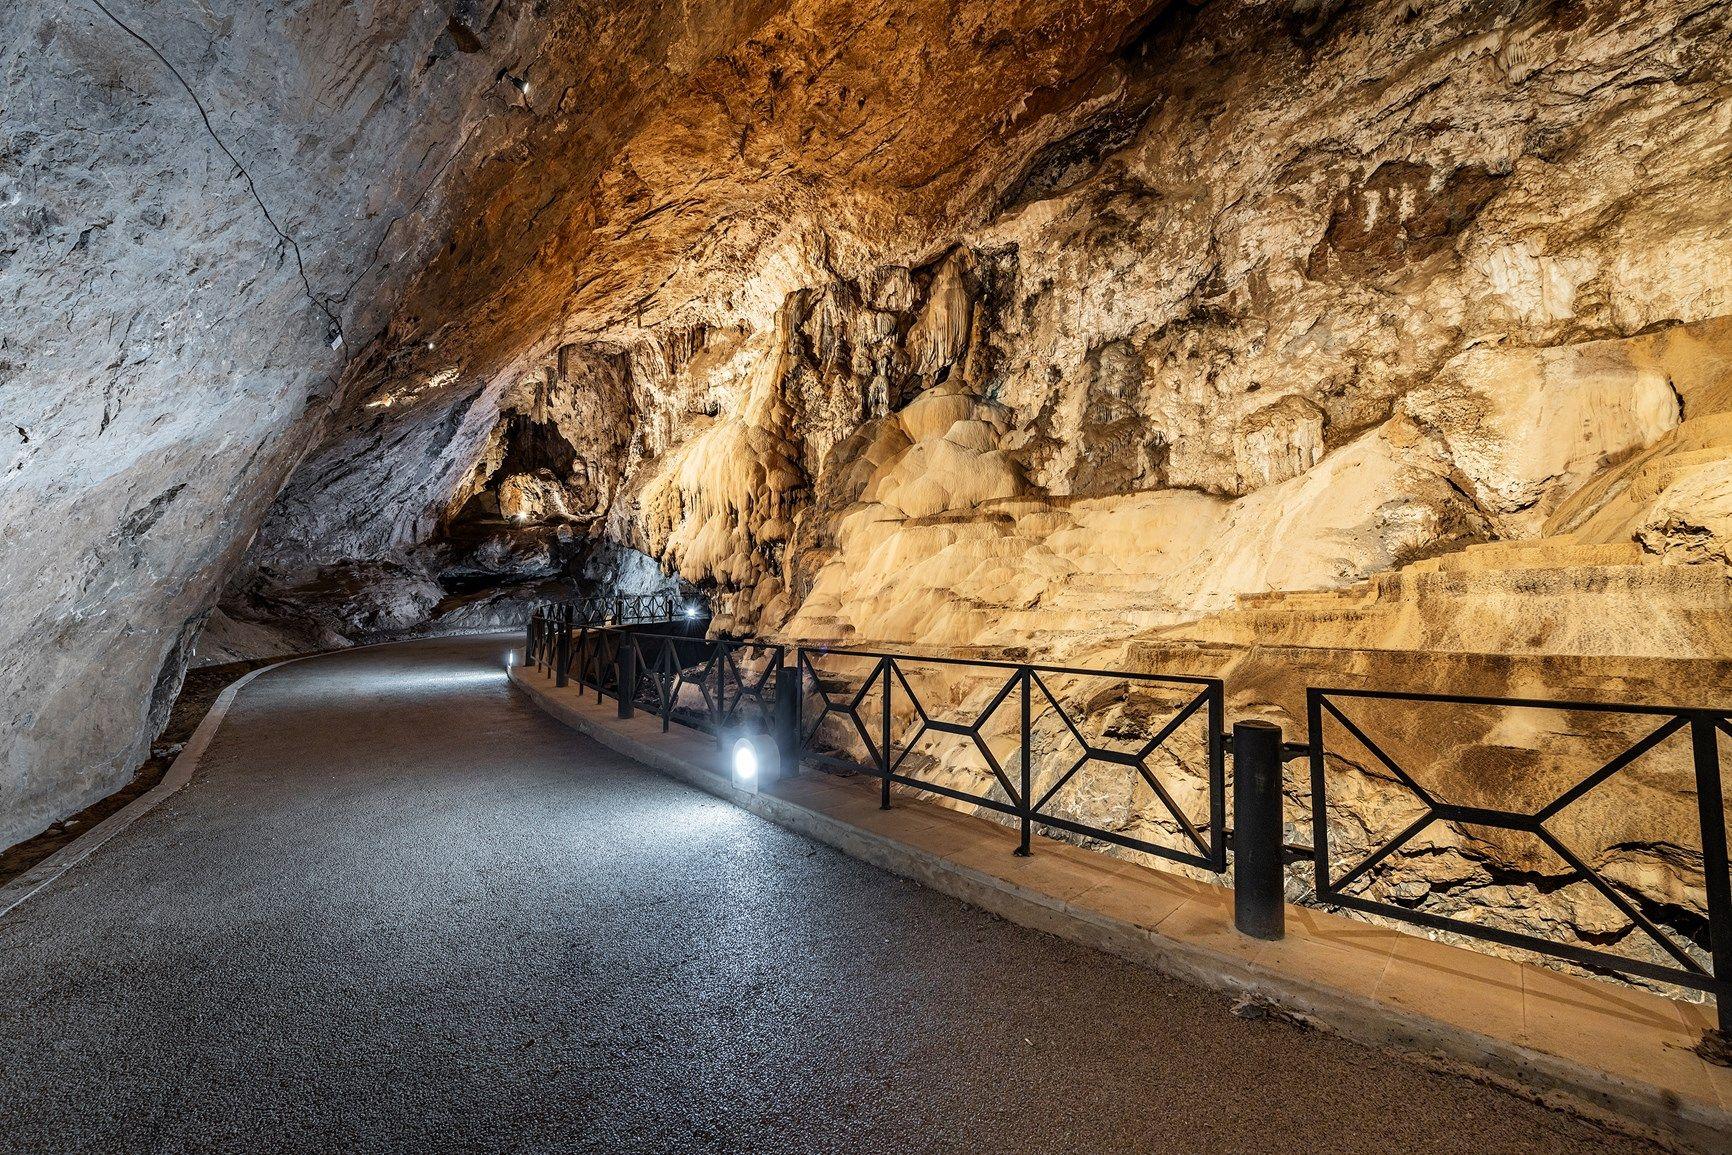 Ipm Italia per le grotte di San Giovanni a Domusnovas Sardegna